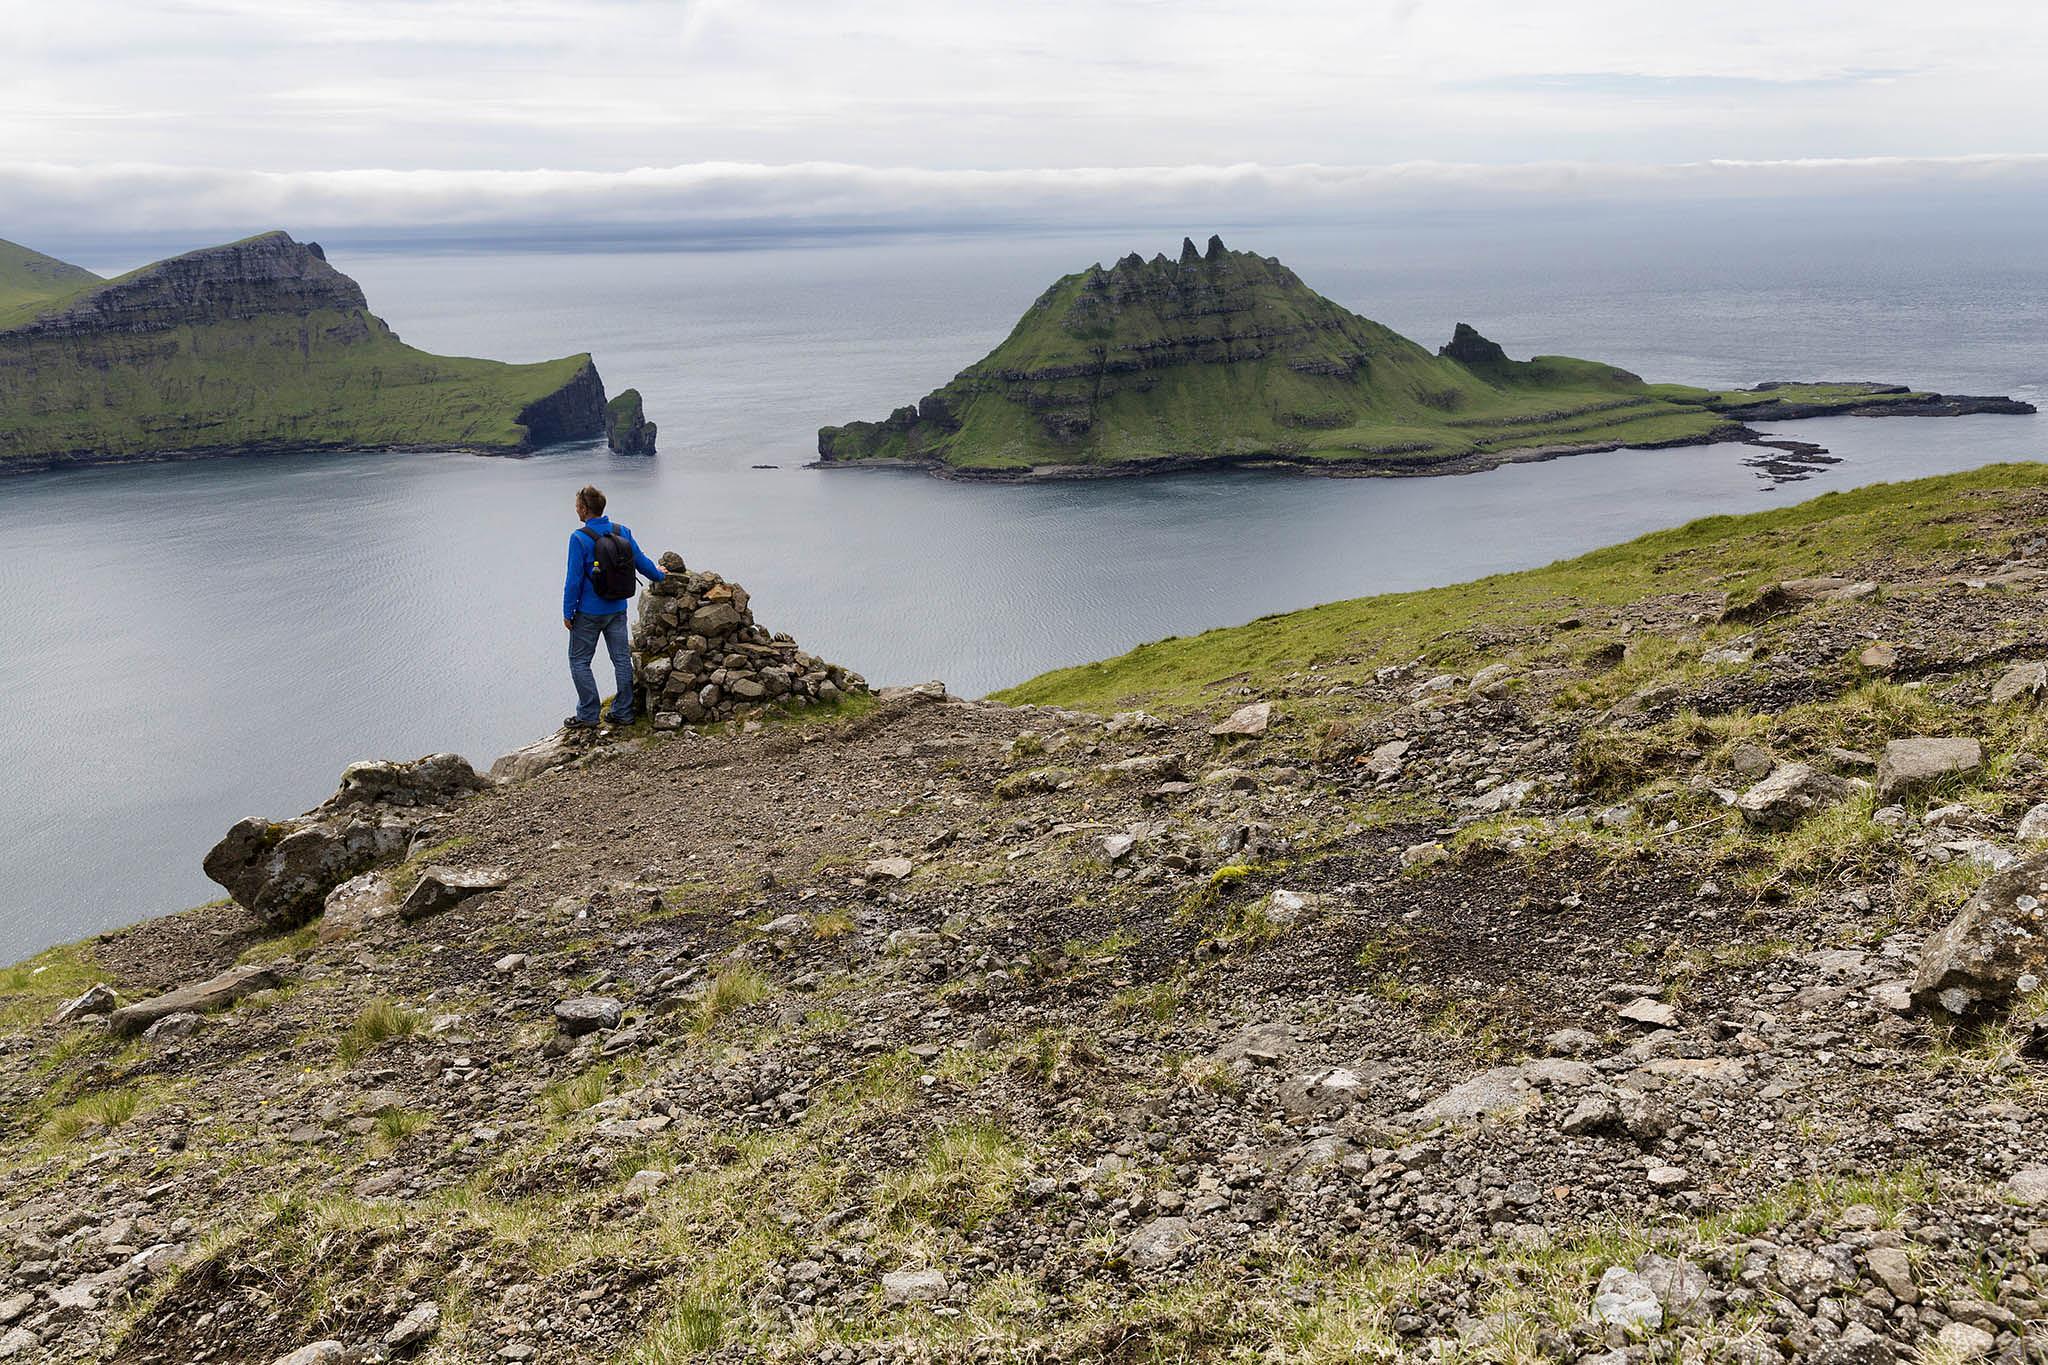 Self portrait  - Me standing looking at Tindholmur by Faroe Islands Hiking